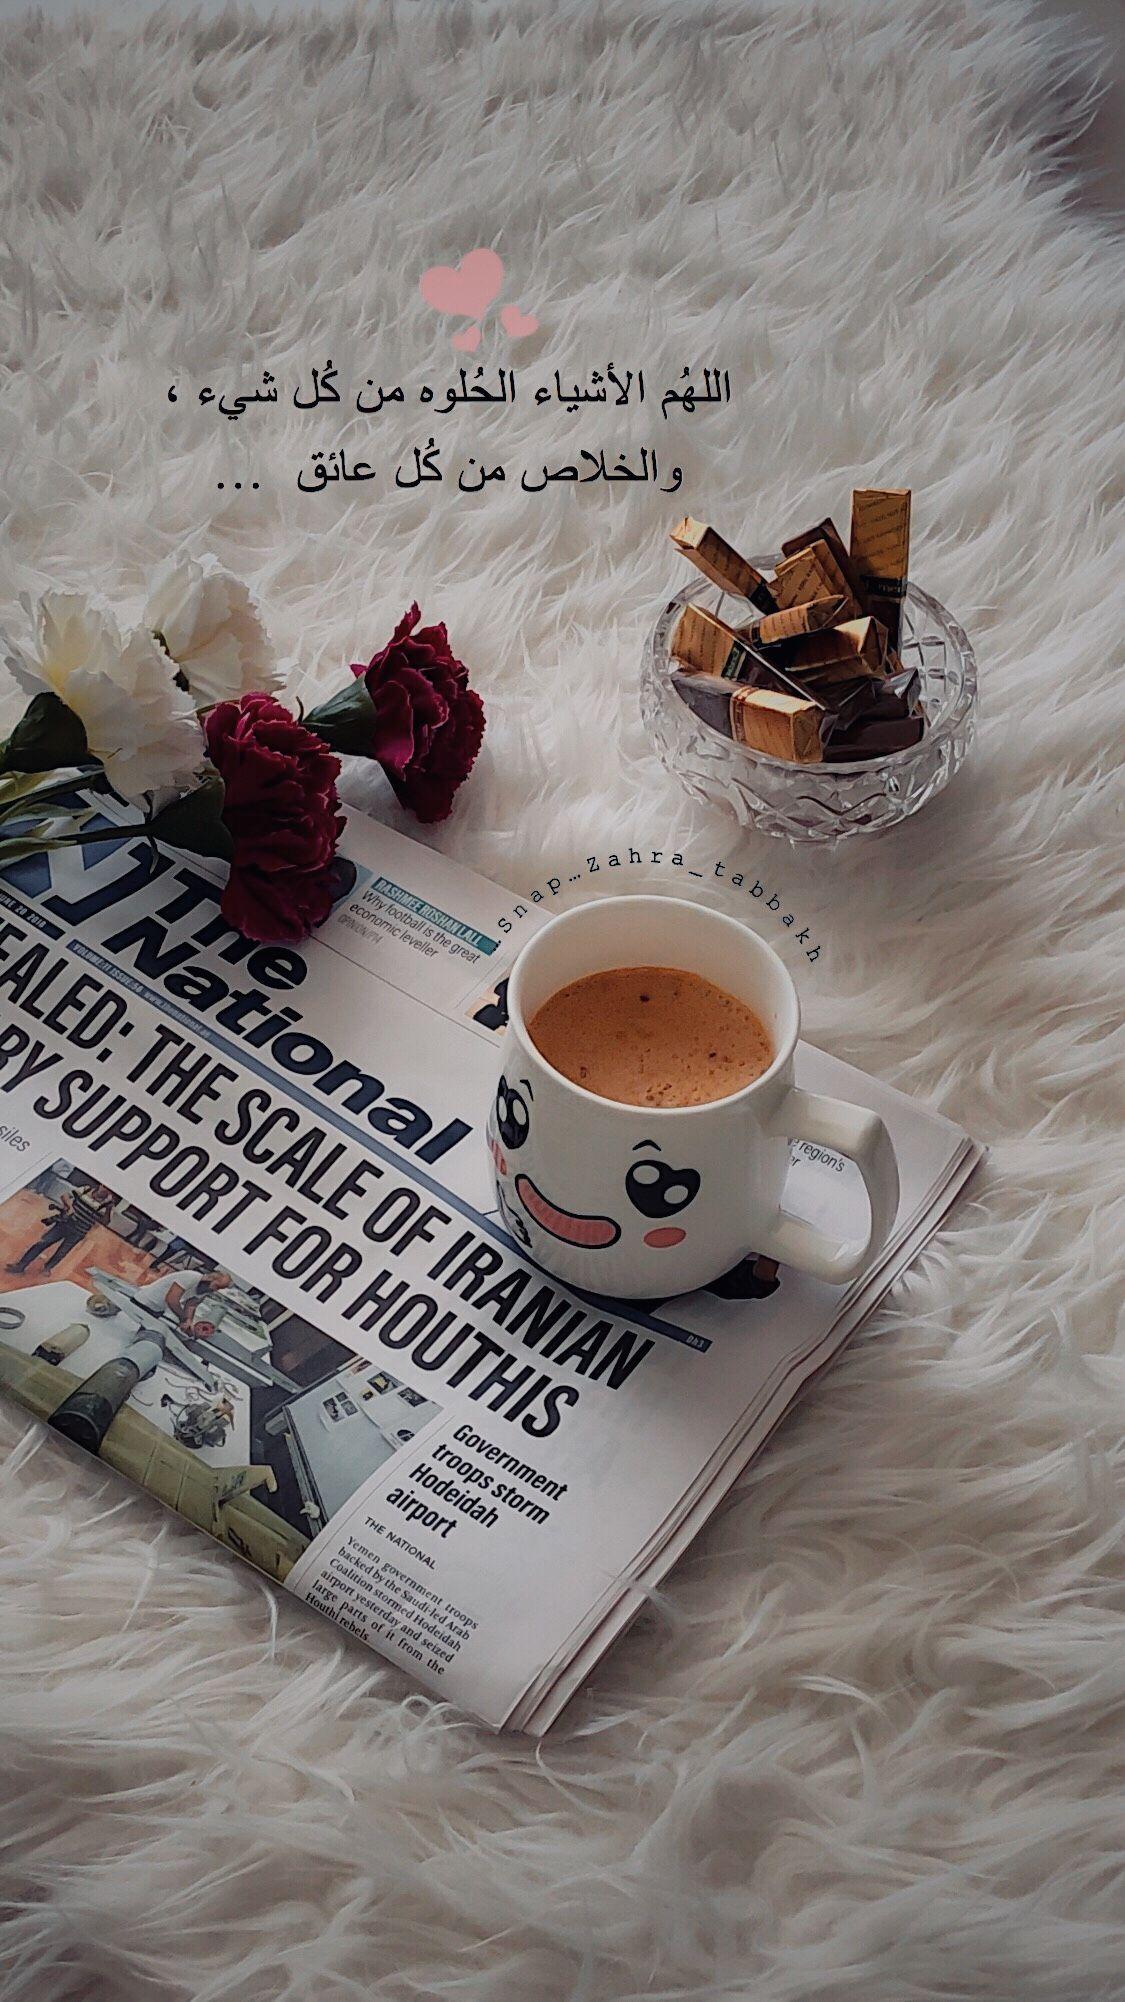 اللهم الأشياء الحلوة من كل شئ Coffee Bar Home Funny Arabic Quotes Snapchat Quotes